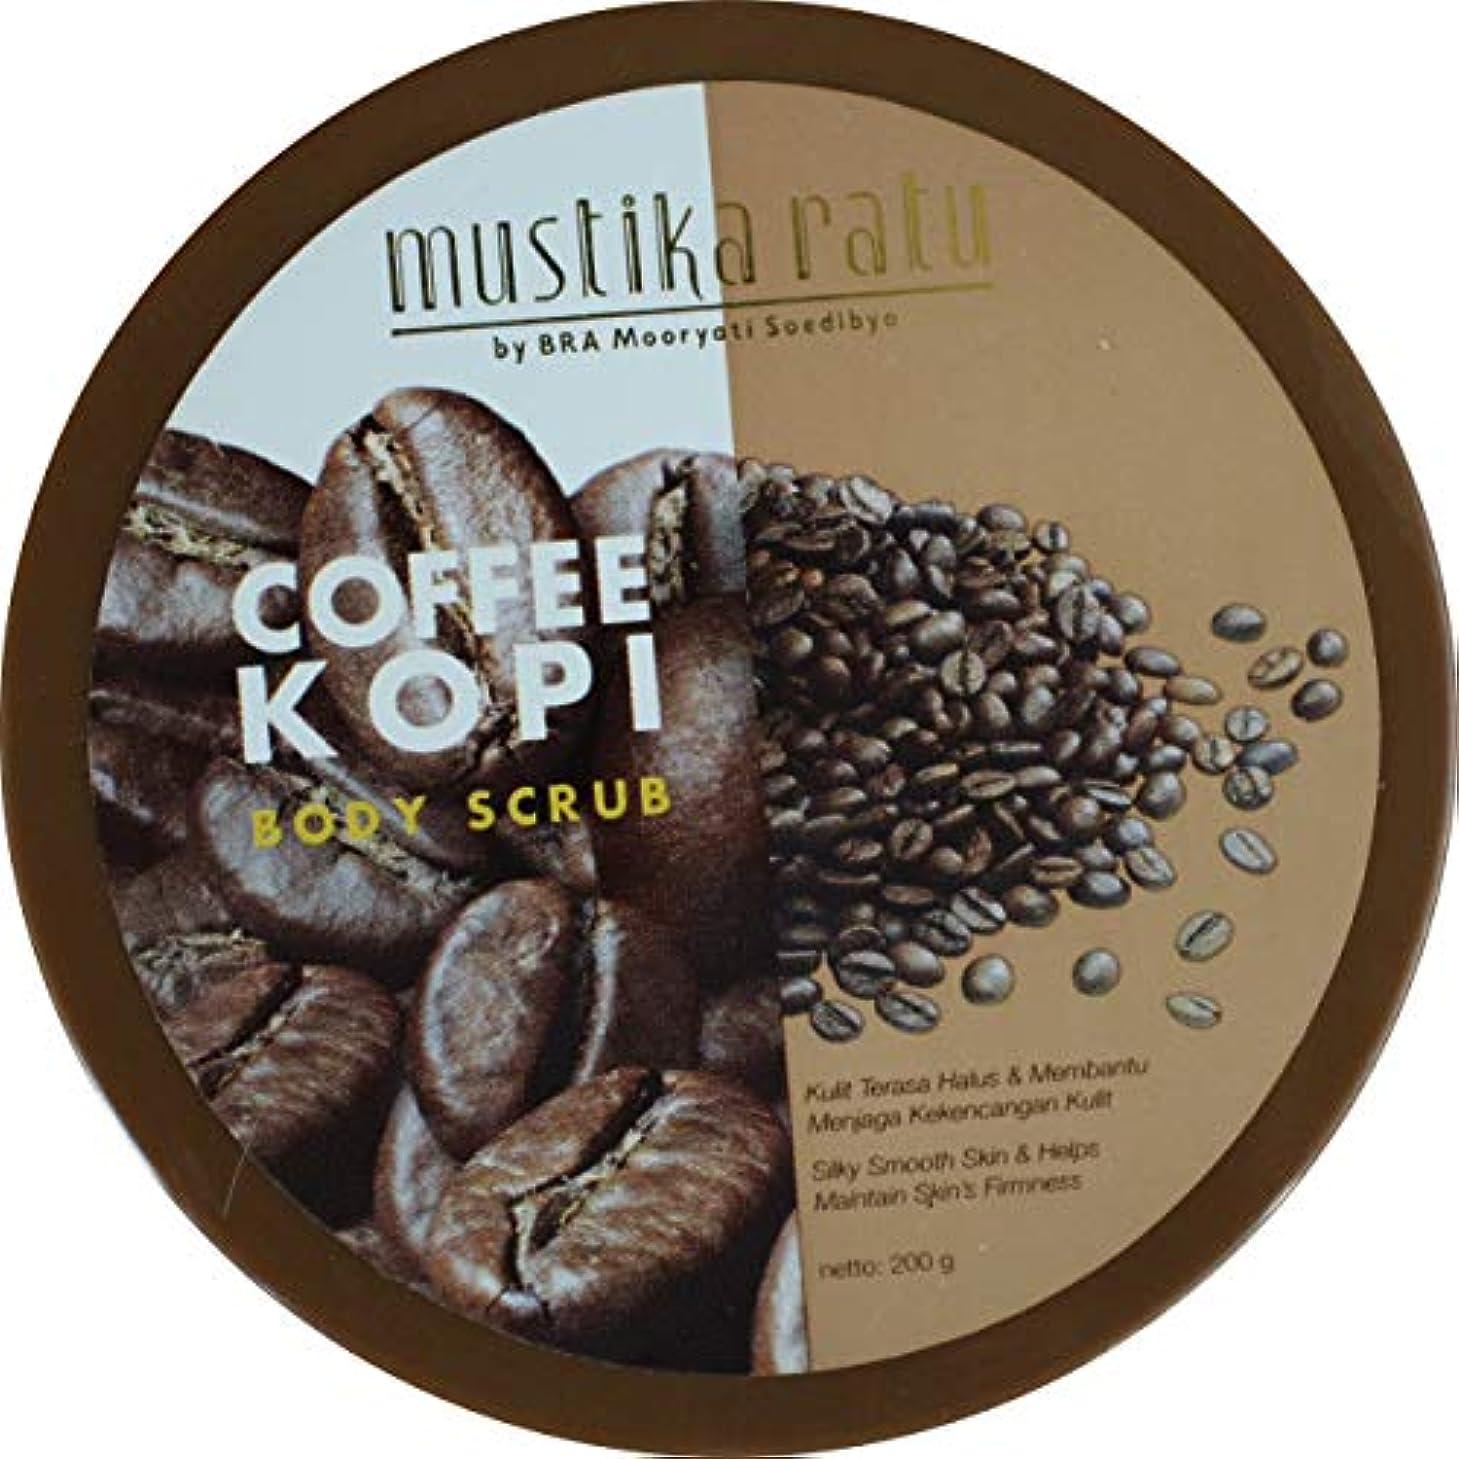 小間報復紳士Mustika Ratu インドネシア200グラム単位でのコーヒーボディスクラップ